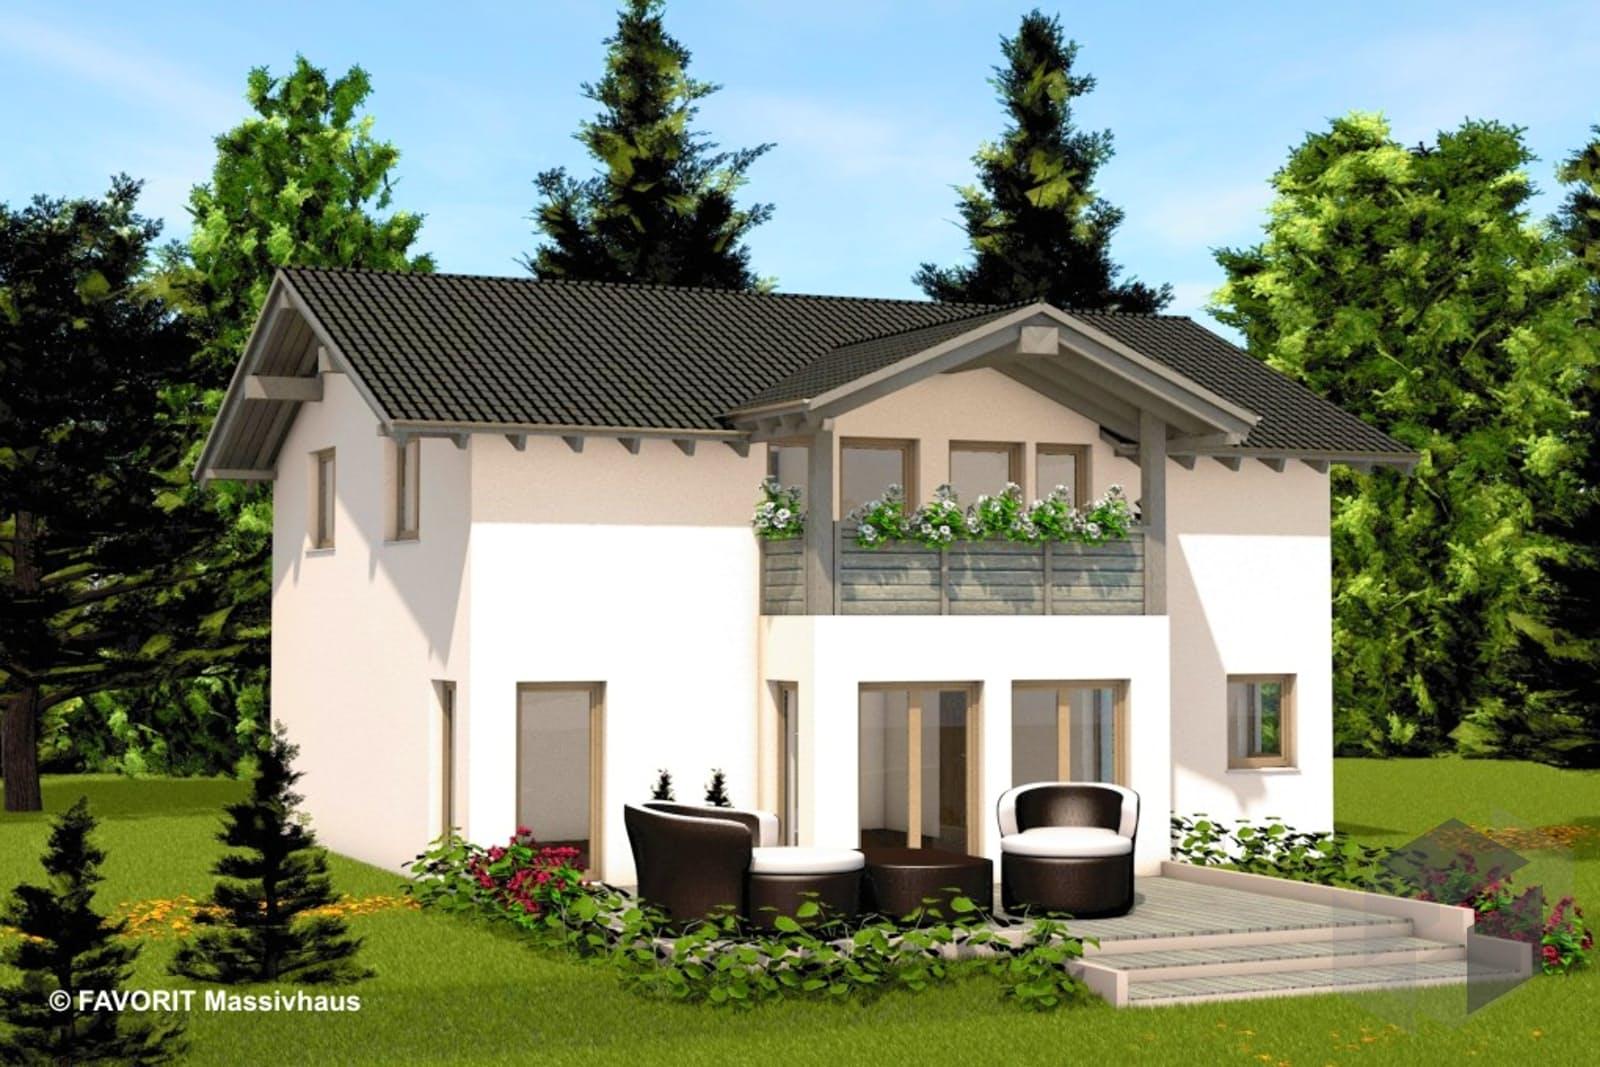 alpenland 174 von favorit massivhaus komplette daten bersicht. Black Bedroom Furniture Sets. Home Design Ideas